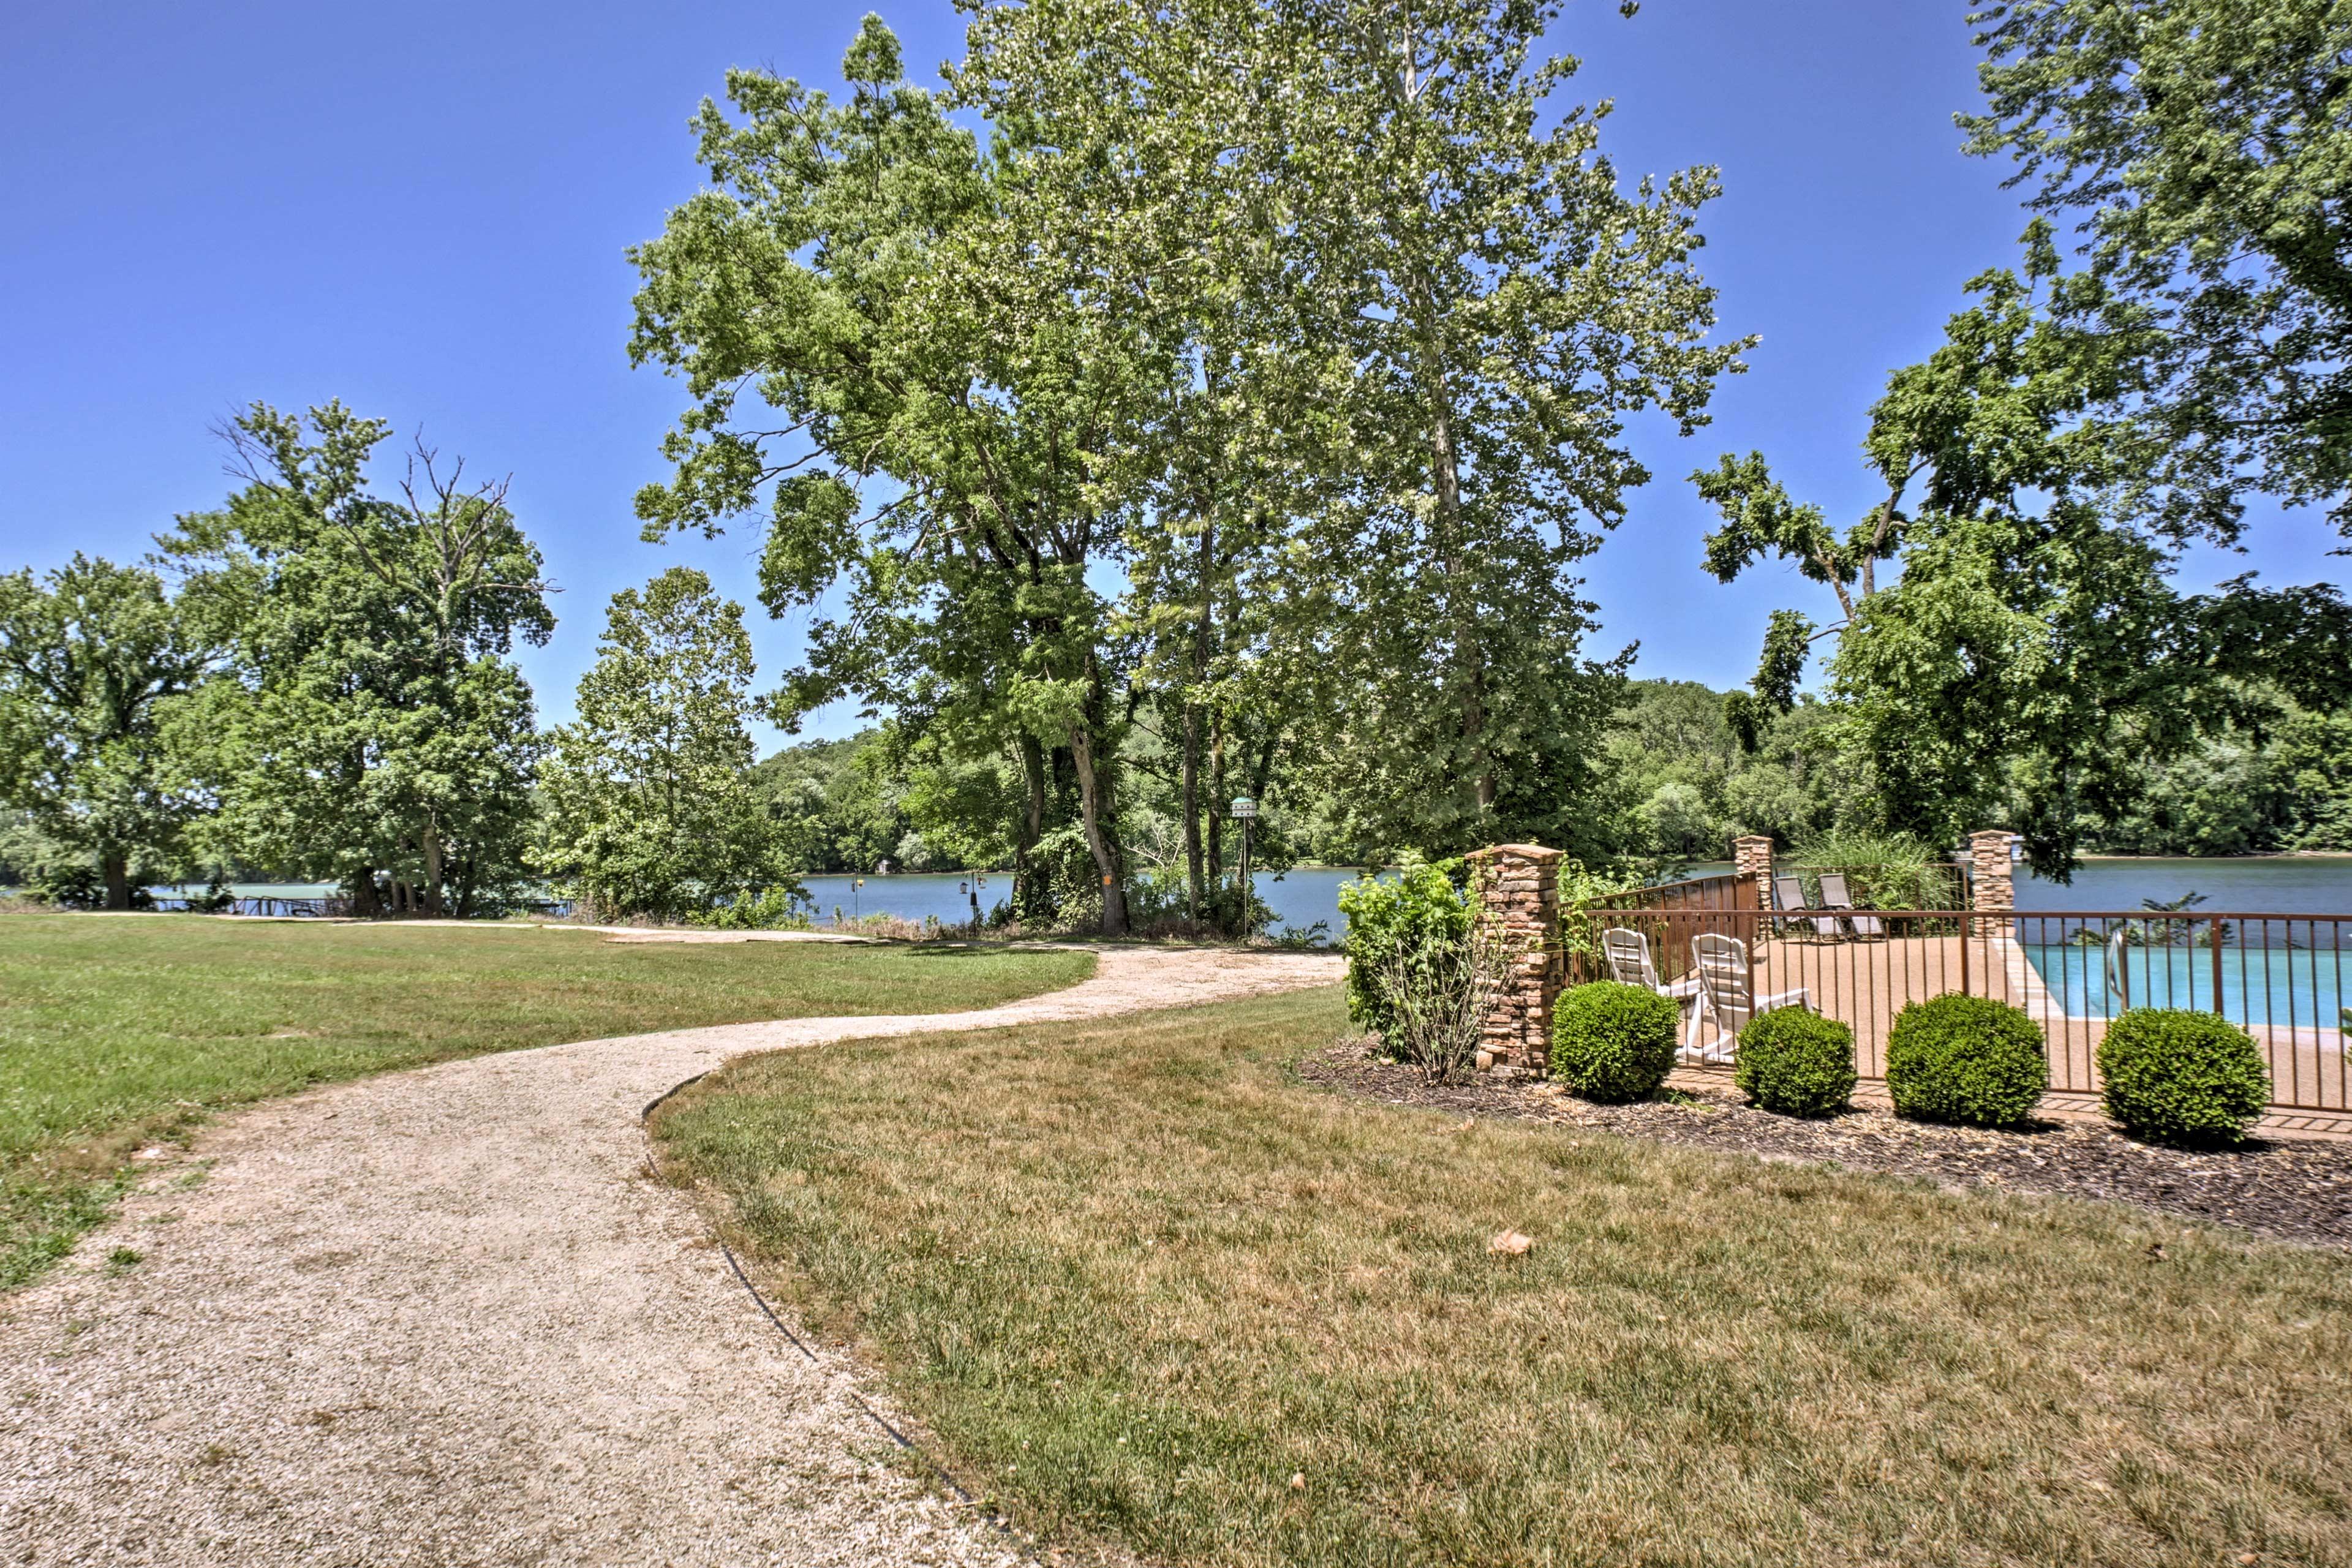 Take a walk down the path alongside the lake!